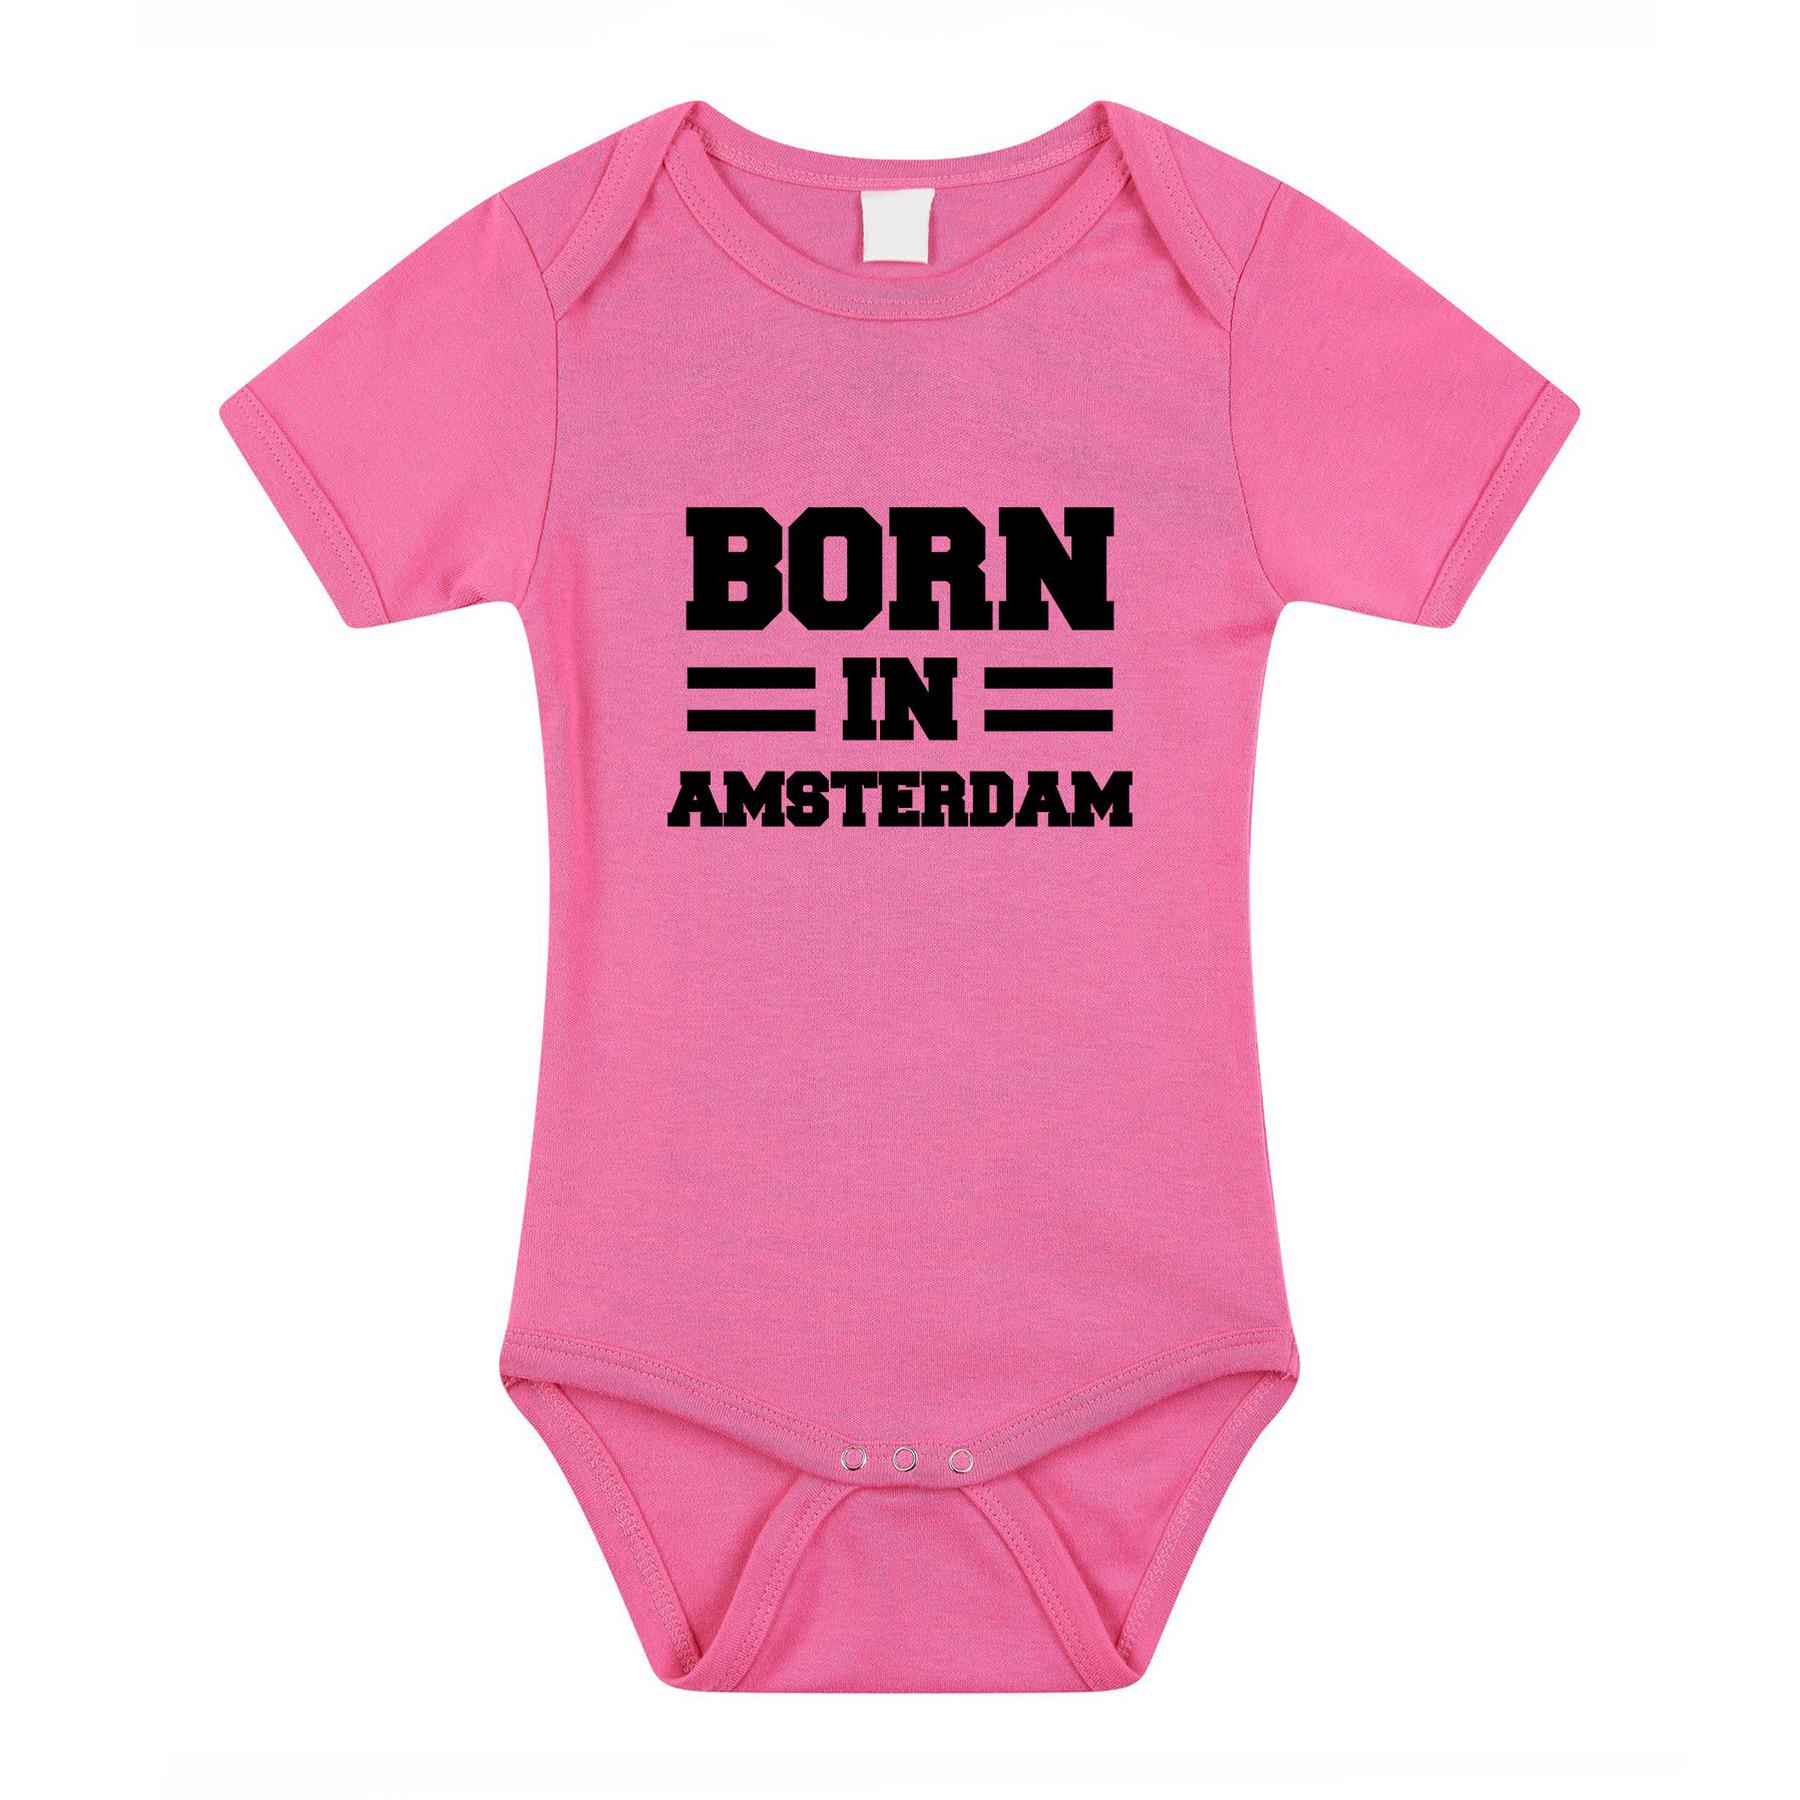 Born in amsterdam kraamcadeau rompertje roze meisjes